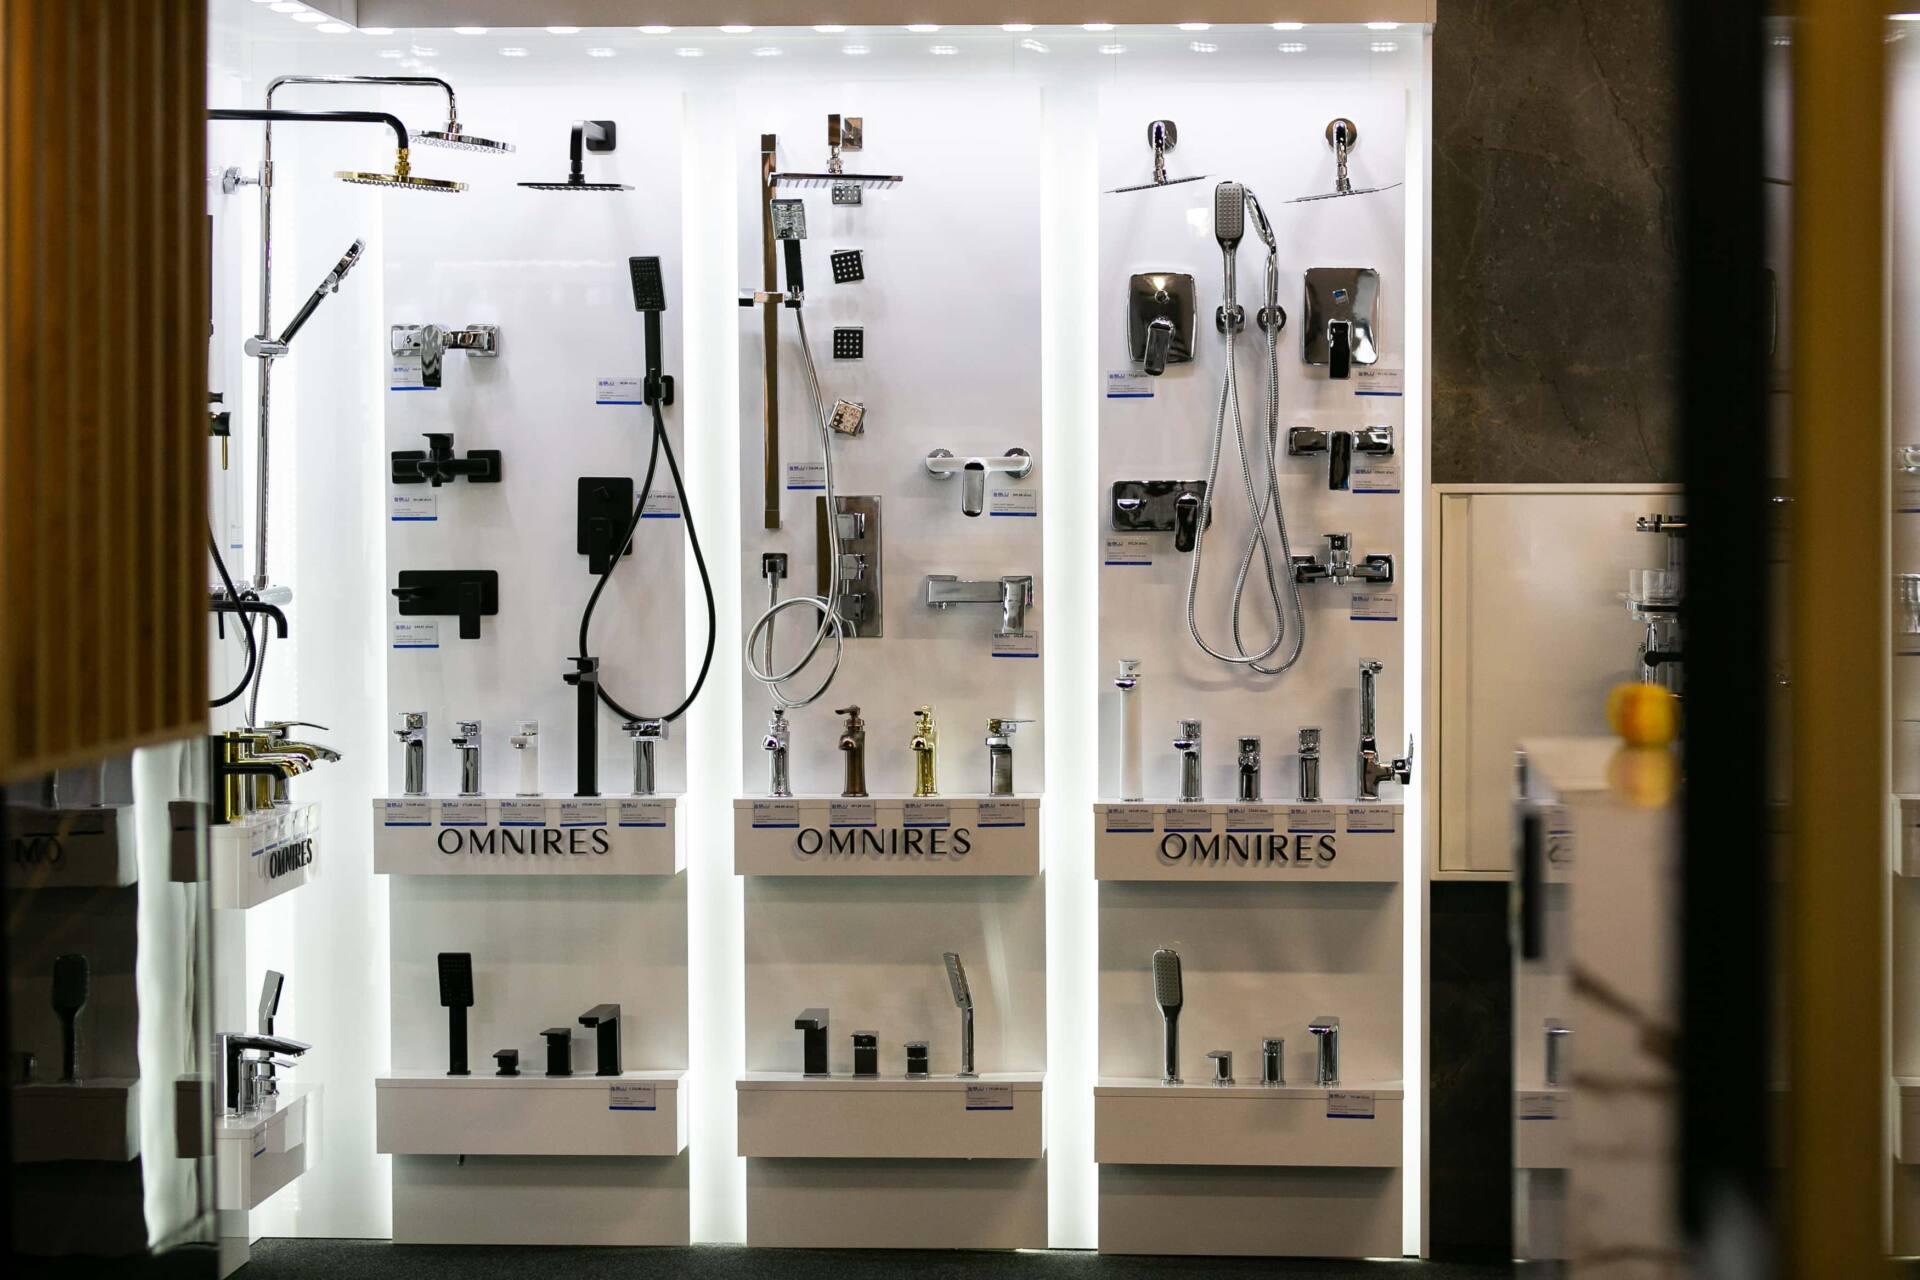 5db 5550 Nowy salon łazienek BLU w Zamościu już otwarty! Publikujemy 80 zdjęć